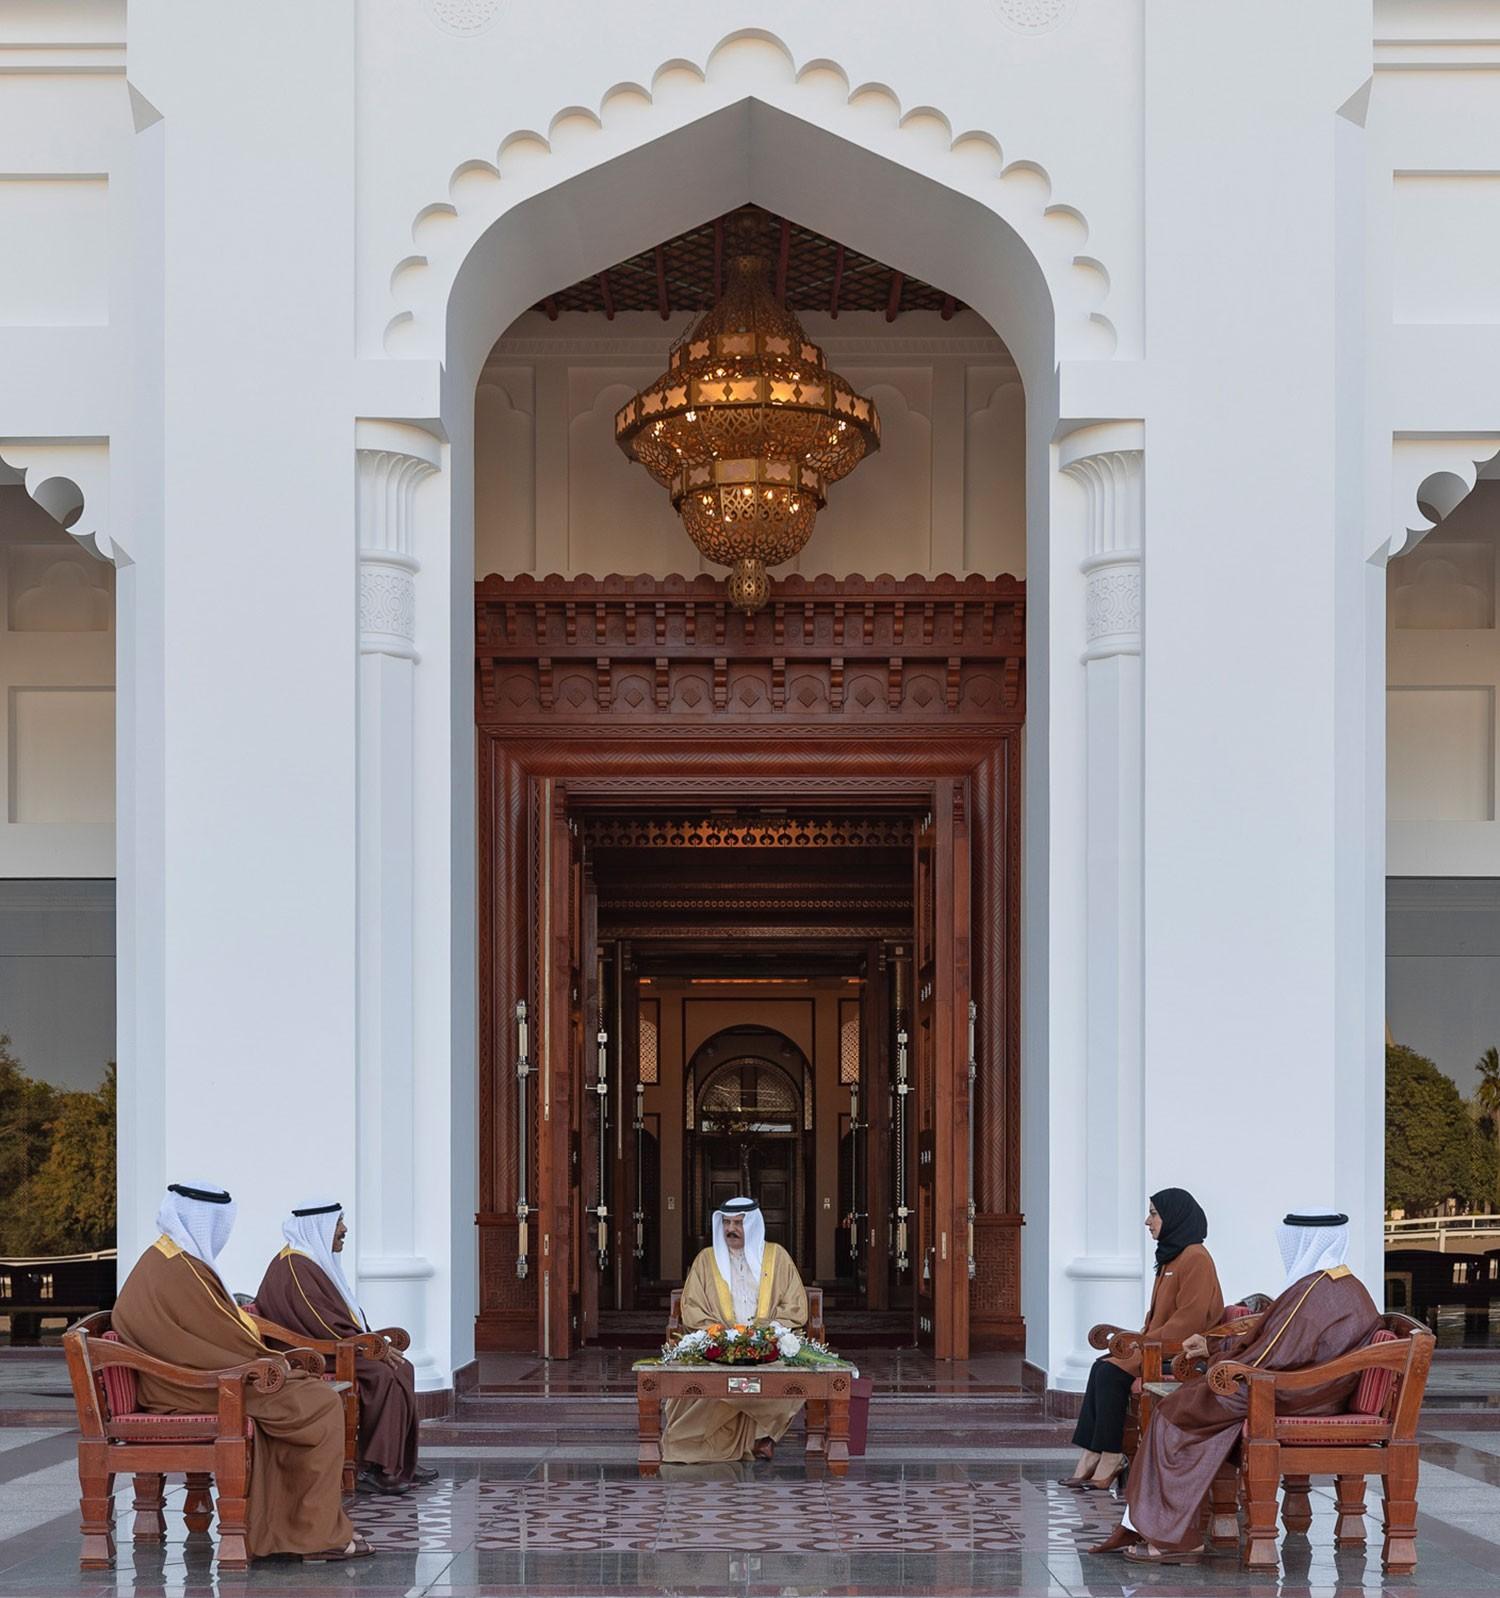 جلالة الملك يستعرض مع رئيسي الشورى والنواب الأوضاع الصحية الراهنة ومتطلبات المرحلة المقبلة